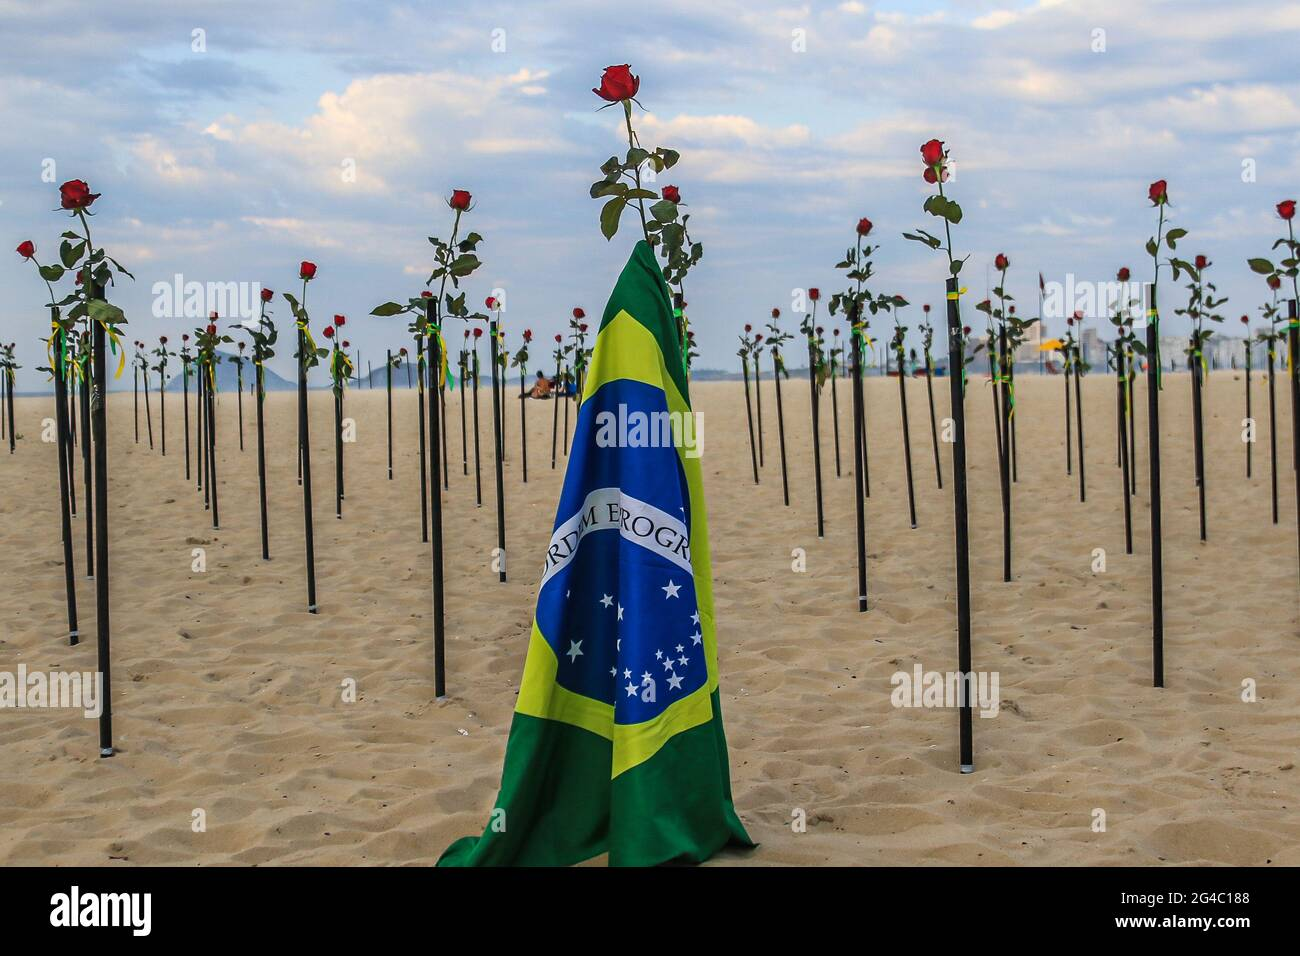 20. Juni 2021: BRASILIEN. RIO DE JANEIRO. 20. Juni 2021. Die NGO Rio de Paz veranstaltete an diesem Sonntag (20) am Strand von Cocoba, Südzone, einen Protest, bei dem sie 500 Rosen in den Sand legte, um gegen den Meilenstein zu protestieren, der 500,000 Todesfälle von Covid-19 im Land erreicht hat. Quelle: Ellan Lustosa/ZUMA Wire/Alamy Live News Stockfoto